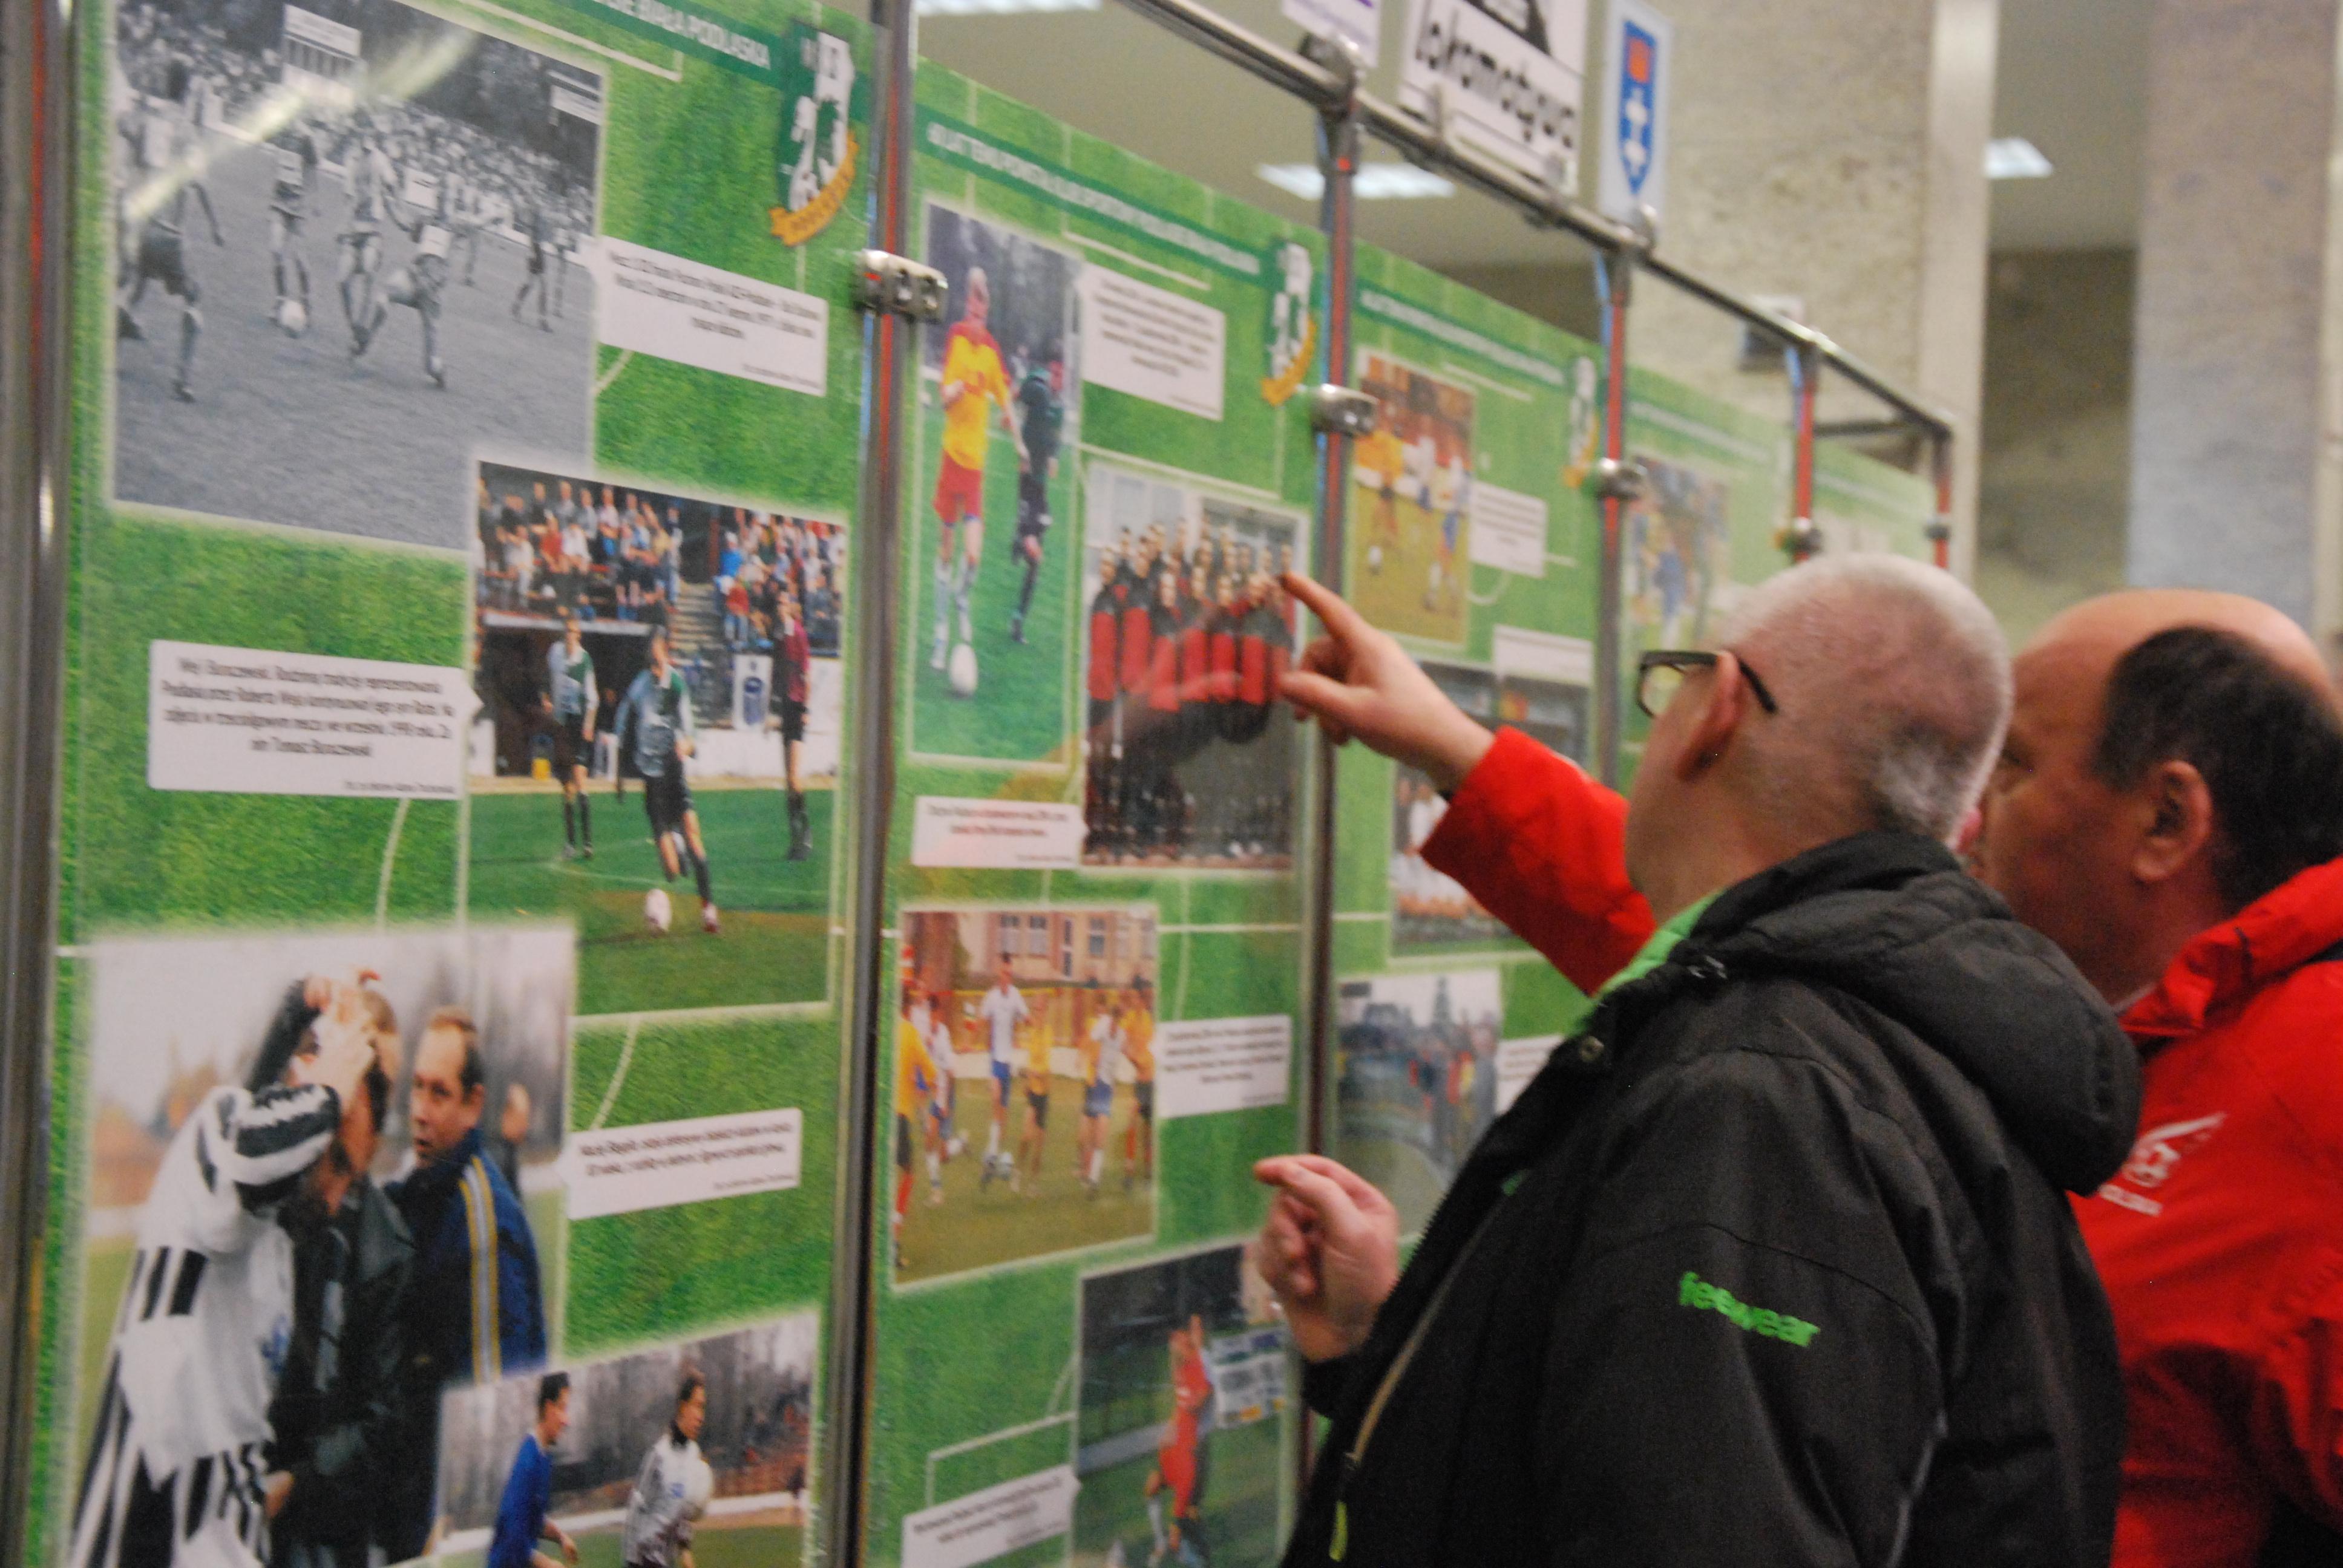 d57f8a4acb 60 lat temu powstał klub sportowy Podlasie Biała Podlaska - SlowFoot ...